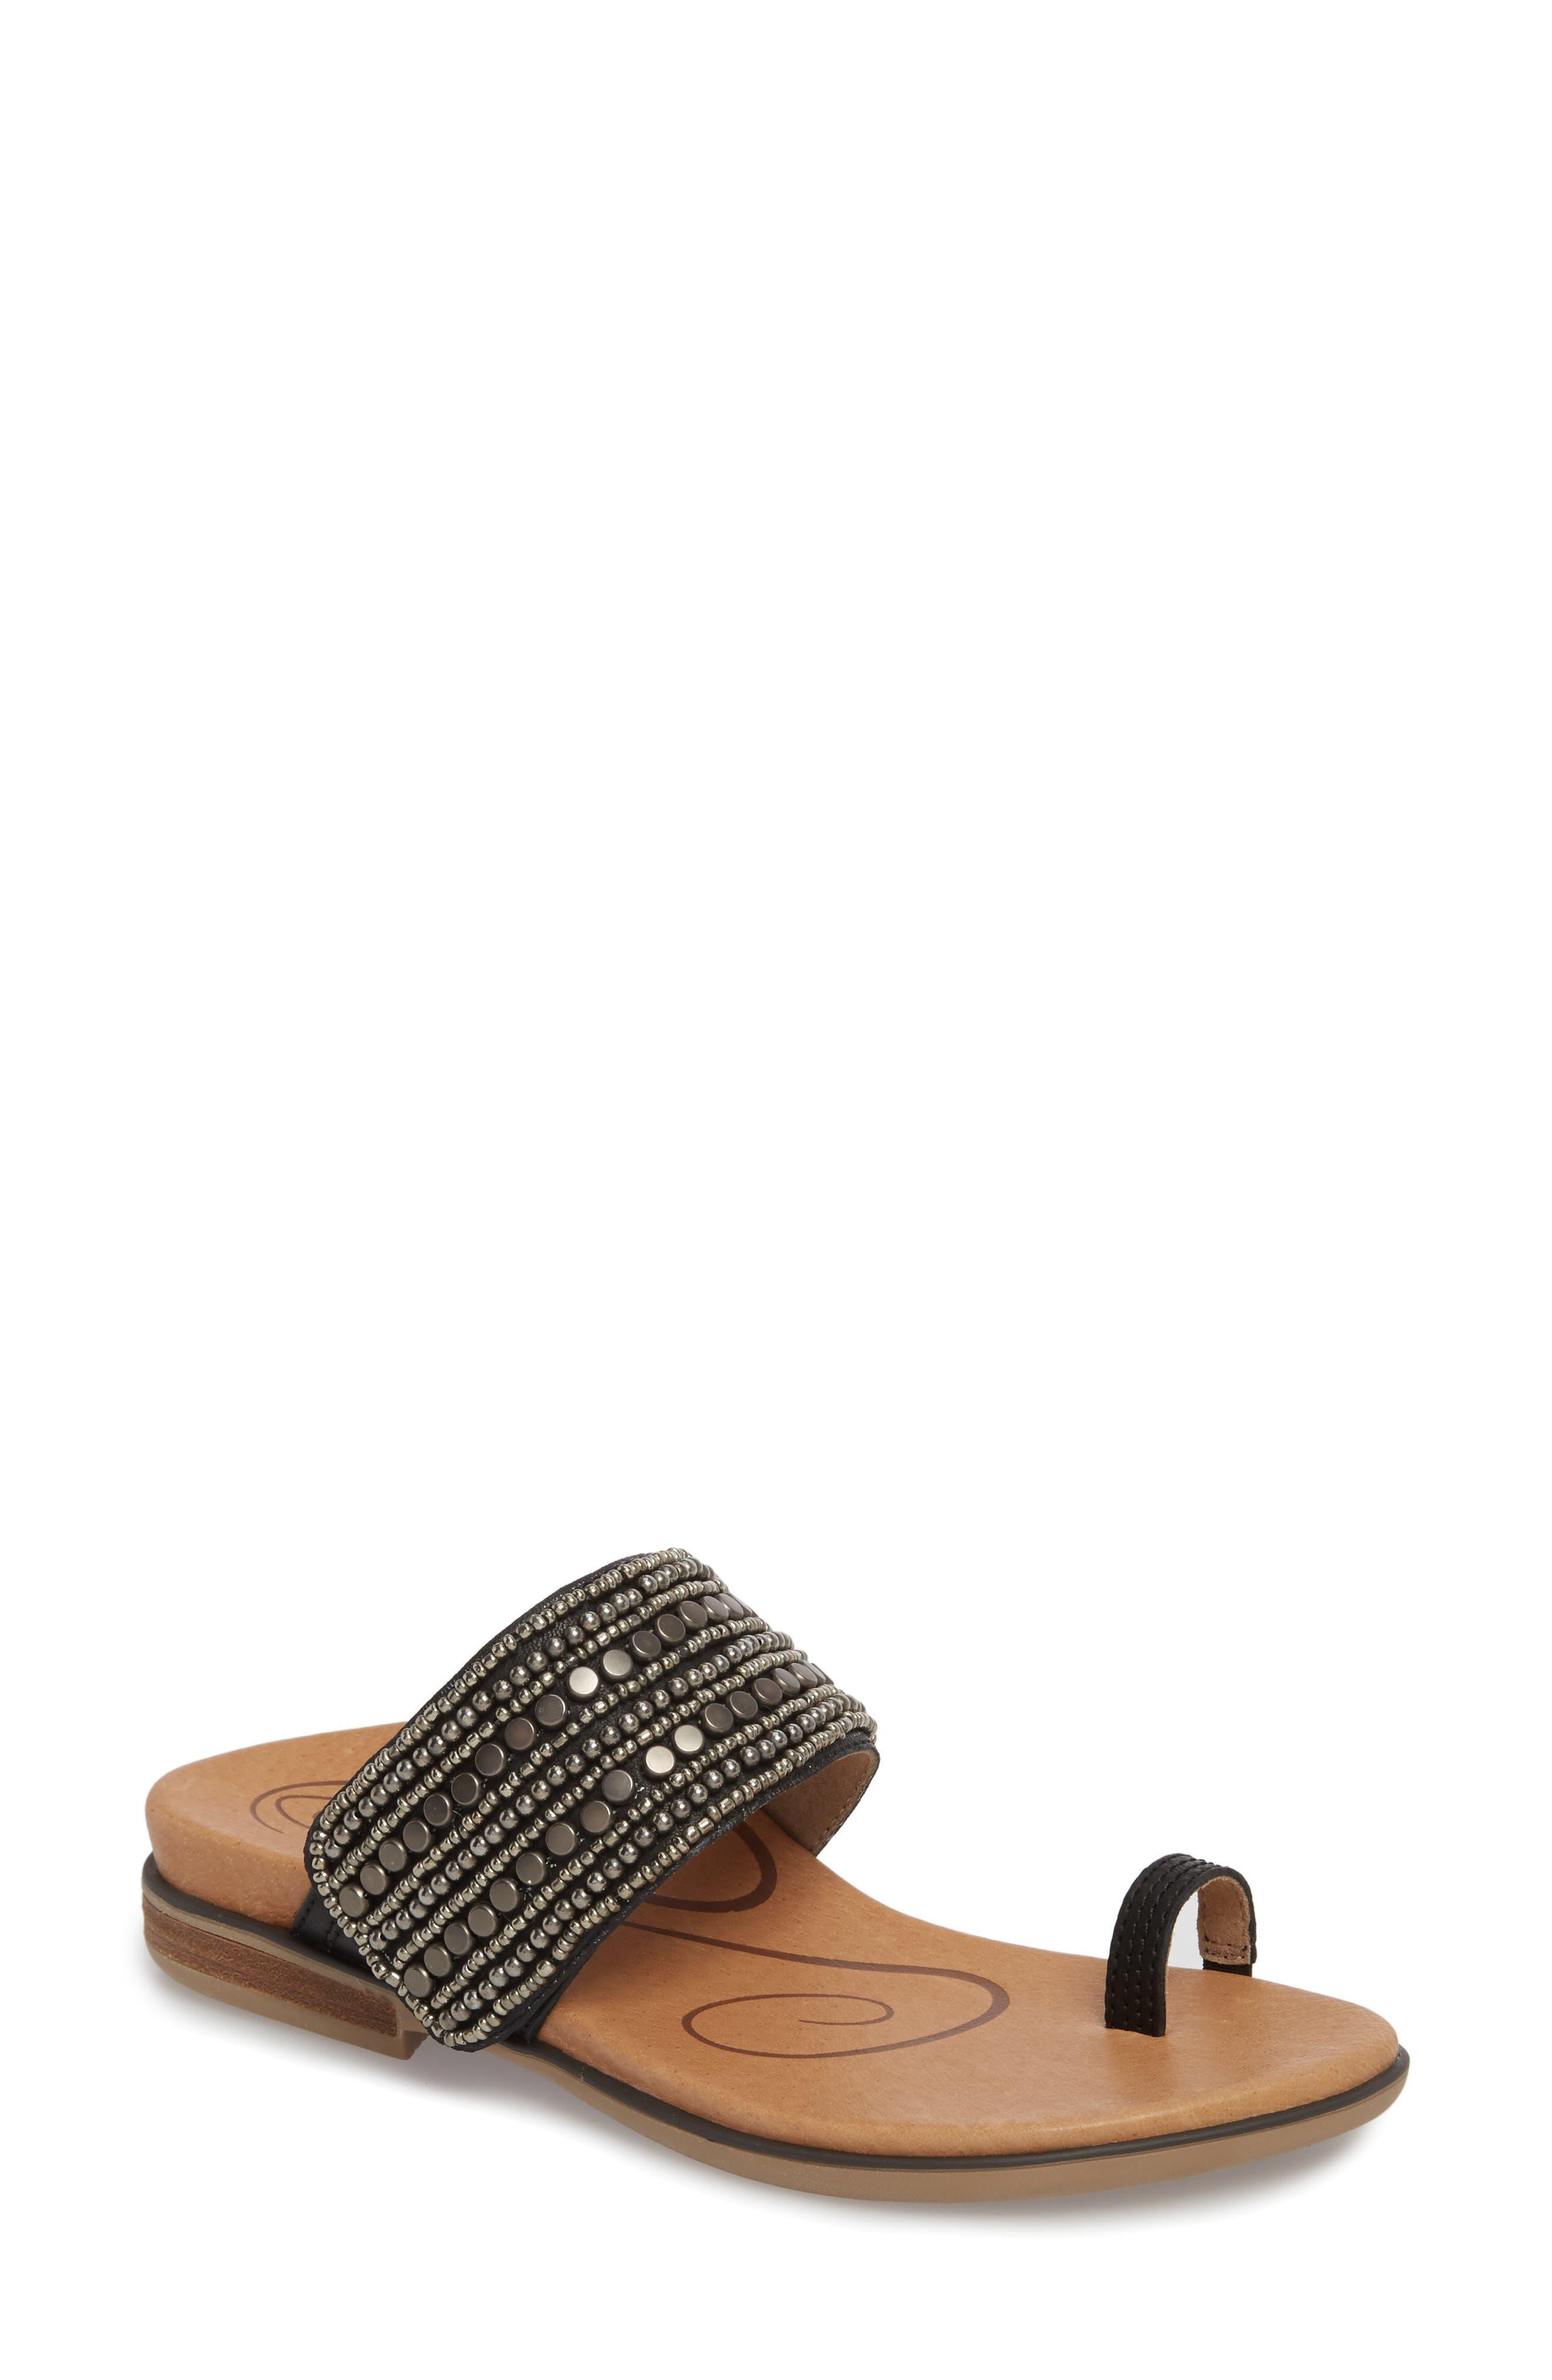 Layla Embellished Slide Sandal,                         Main,                         color, Black Leather